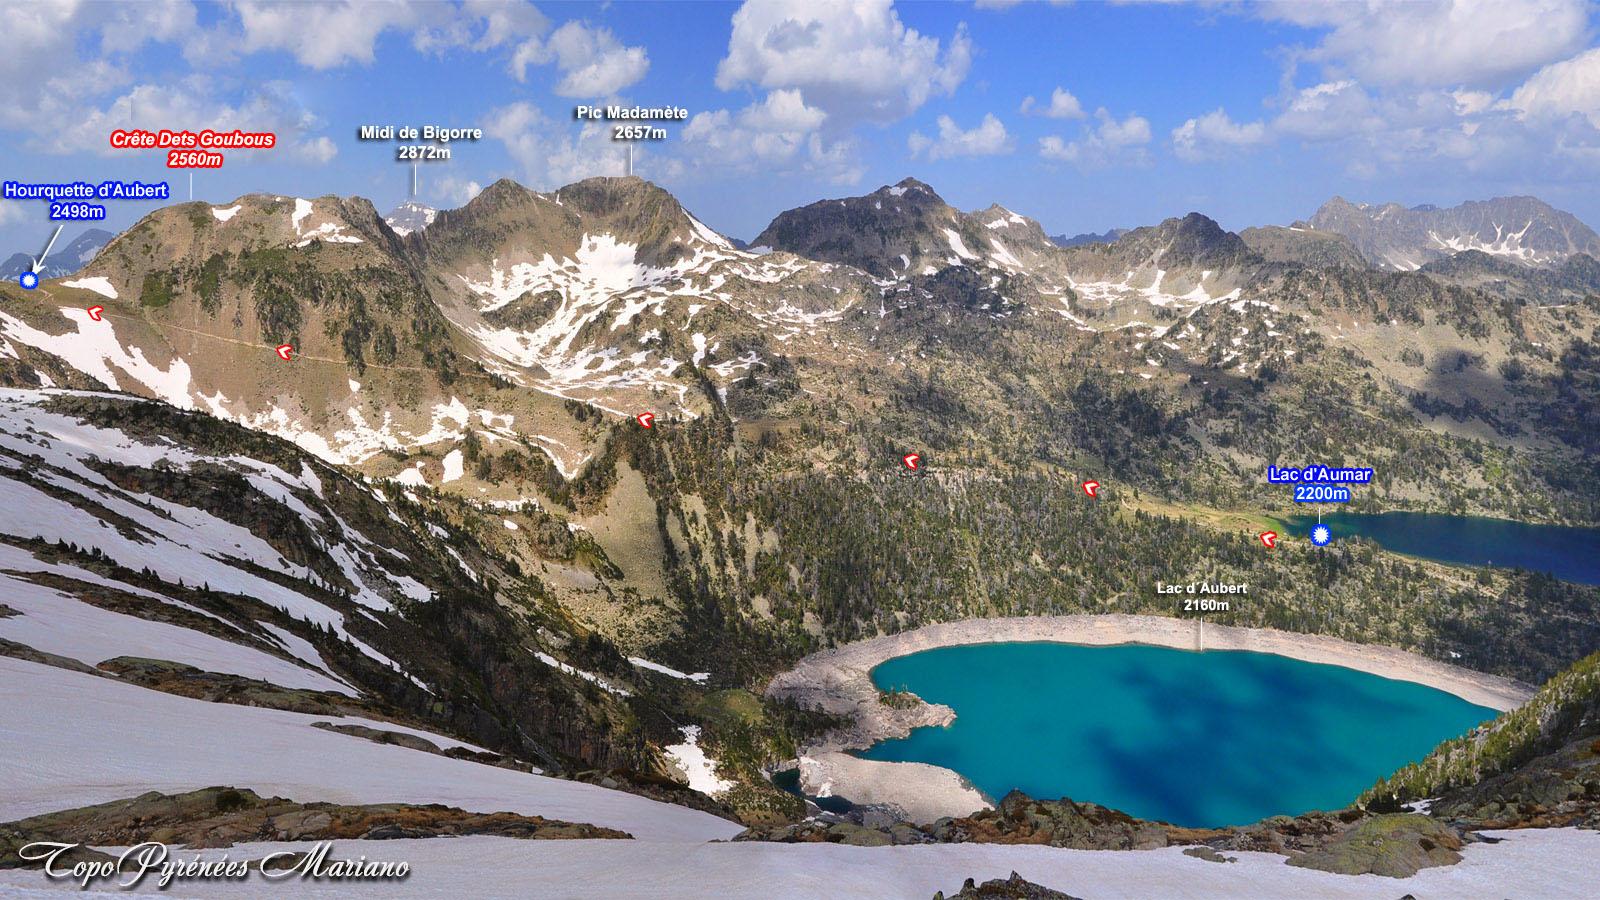 Lac d'Aumar (2200m) et Hourquette d'Aubert (2498m)